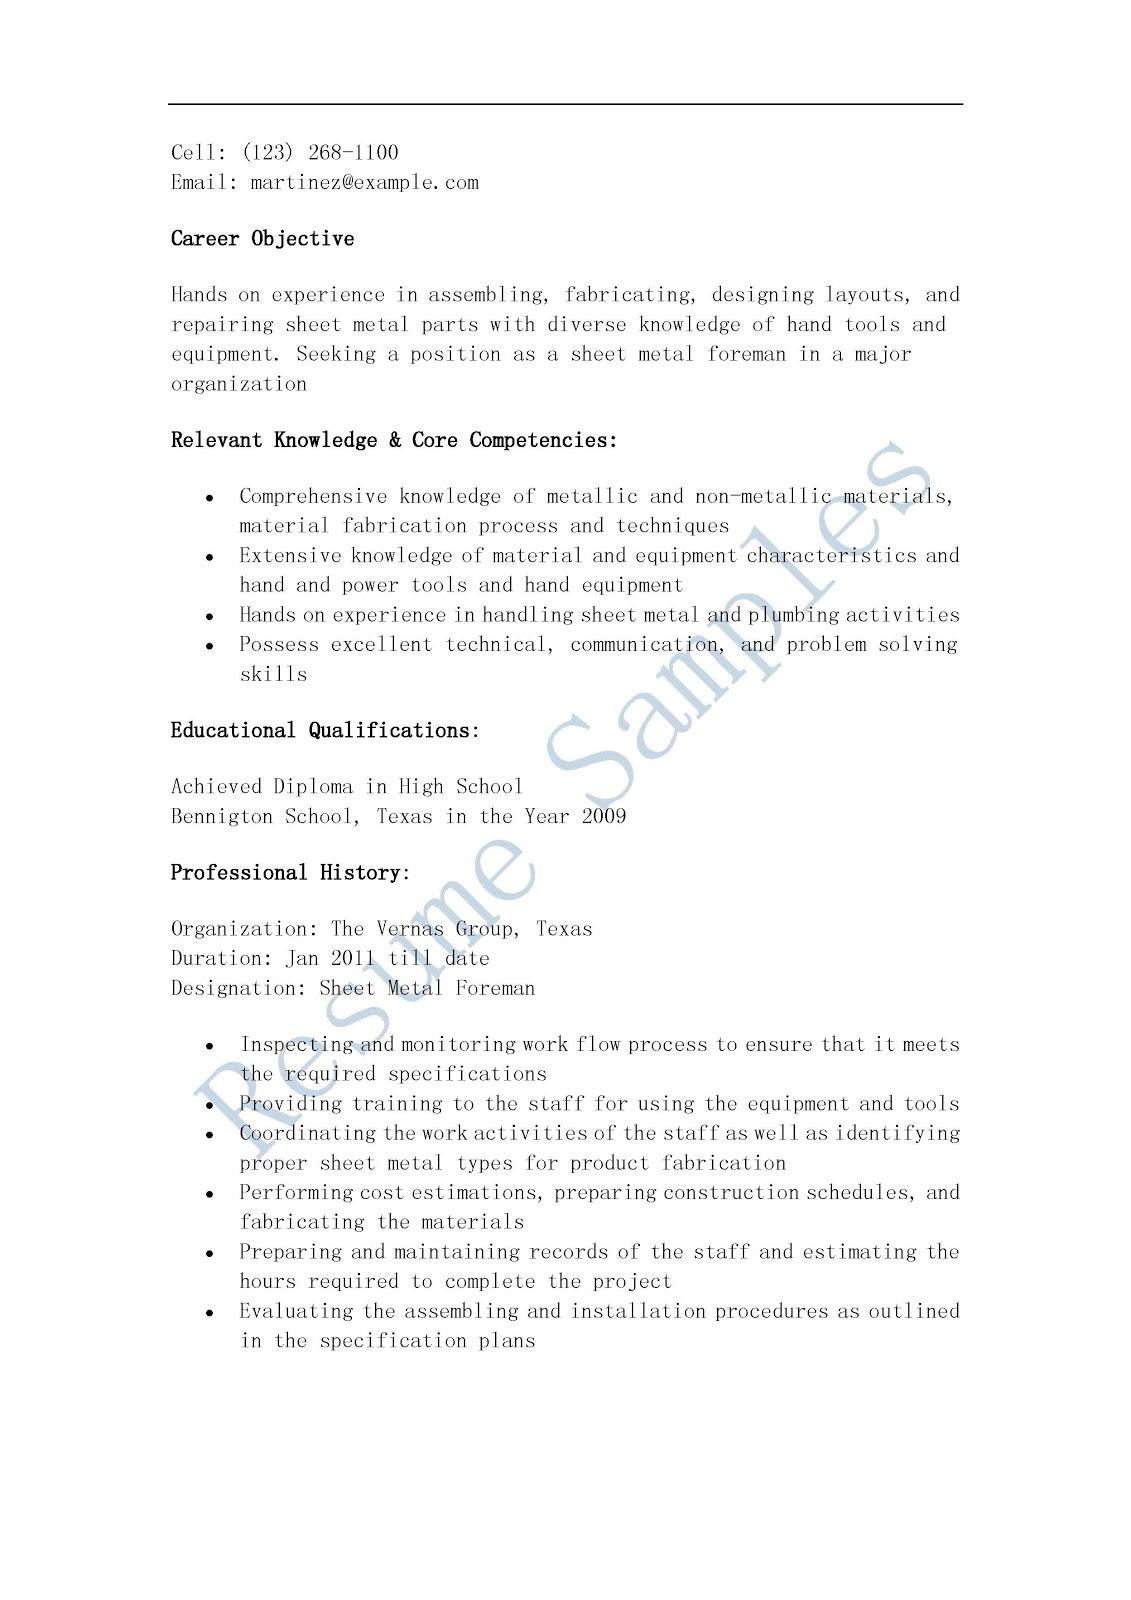 Resume Samples Sheet Metal Foreman Resume